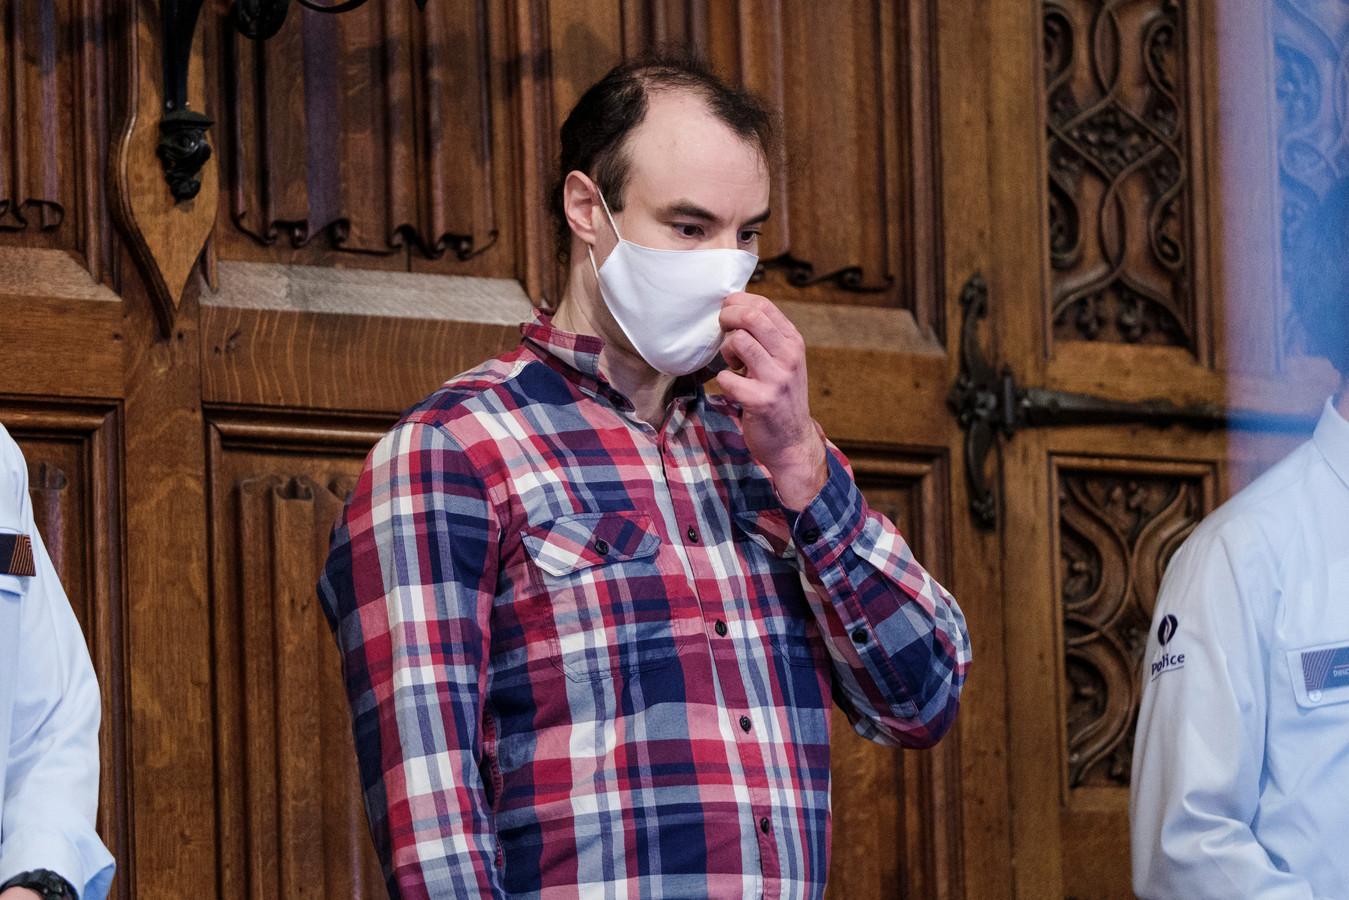 Sami Haenen lors de son procès, le 6 octobre 2021.